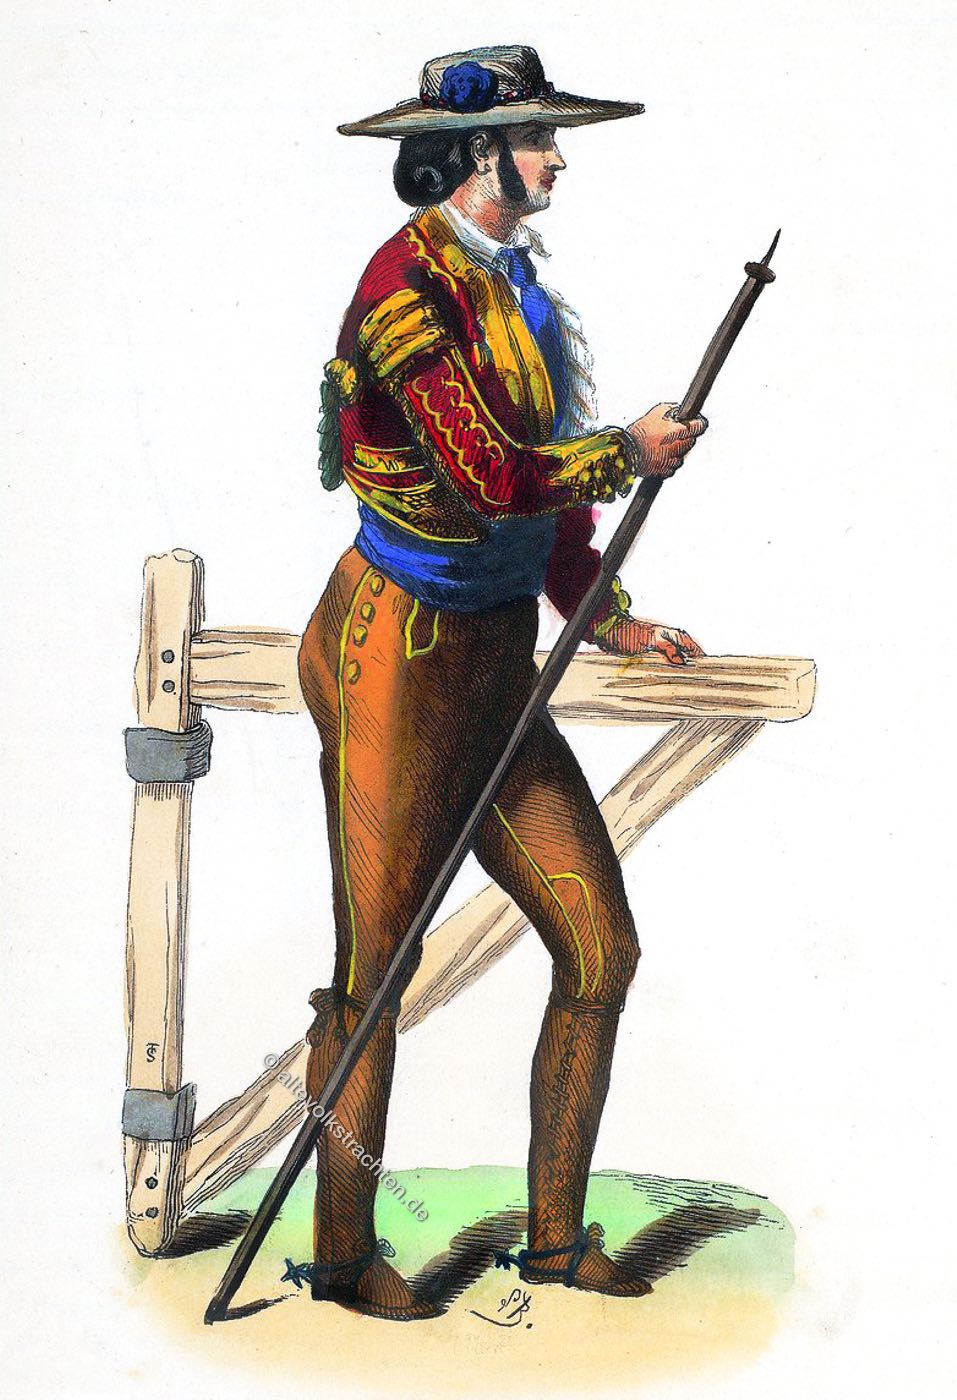 Picadore, Tracht, Stierkampf, Kastilien, Spanien, Kostüm, Volkstrachten